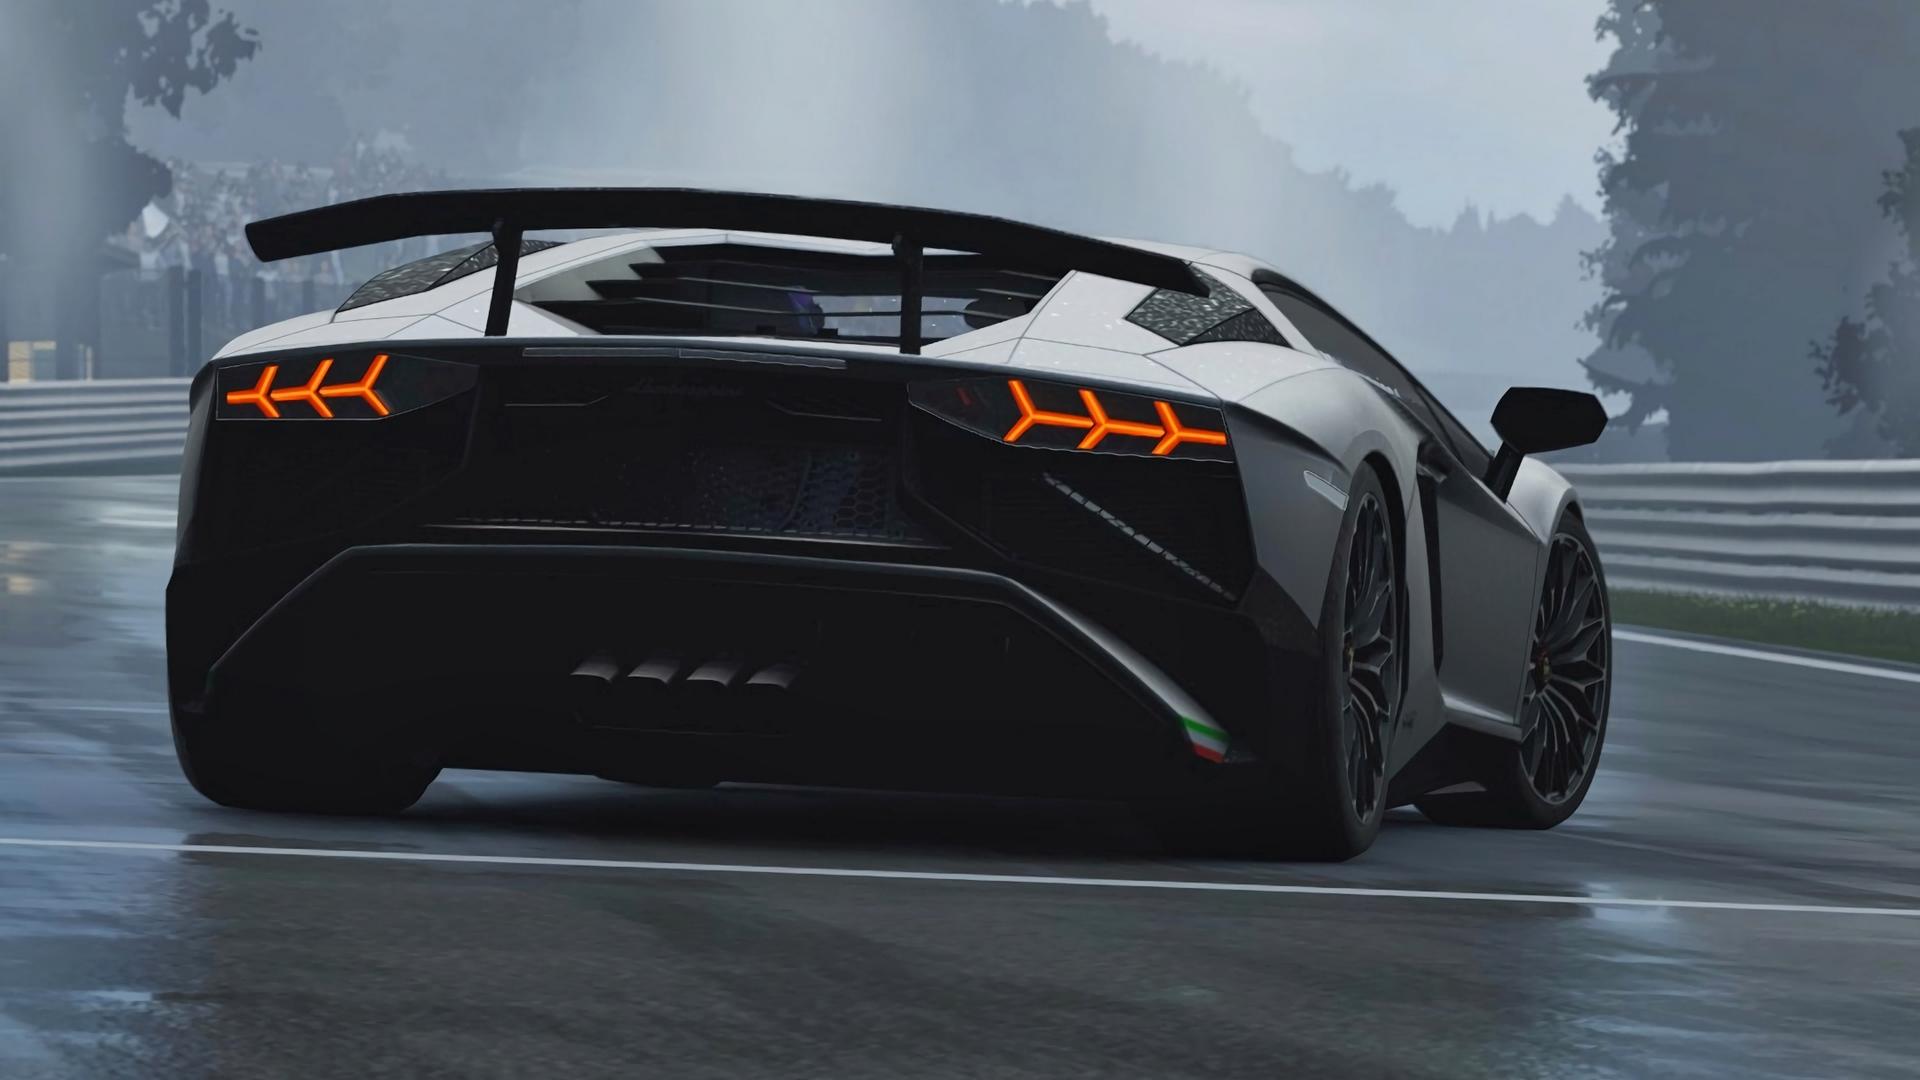 1920x1080 Lamborghini Reventon Car Laptop Full HD 1080P HD ...